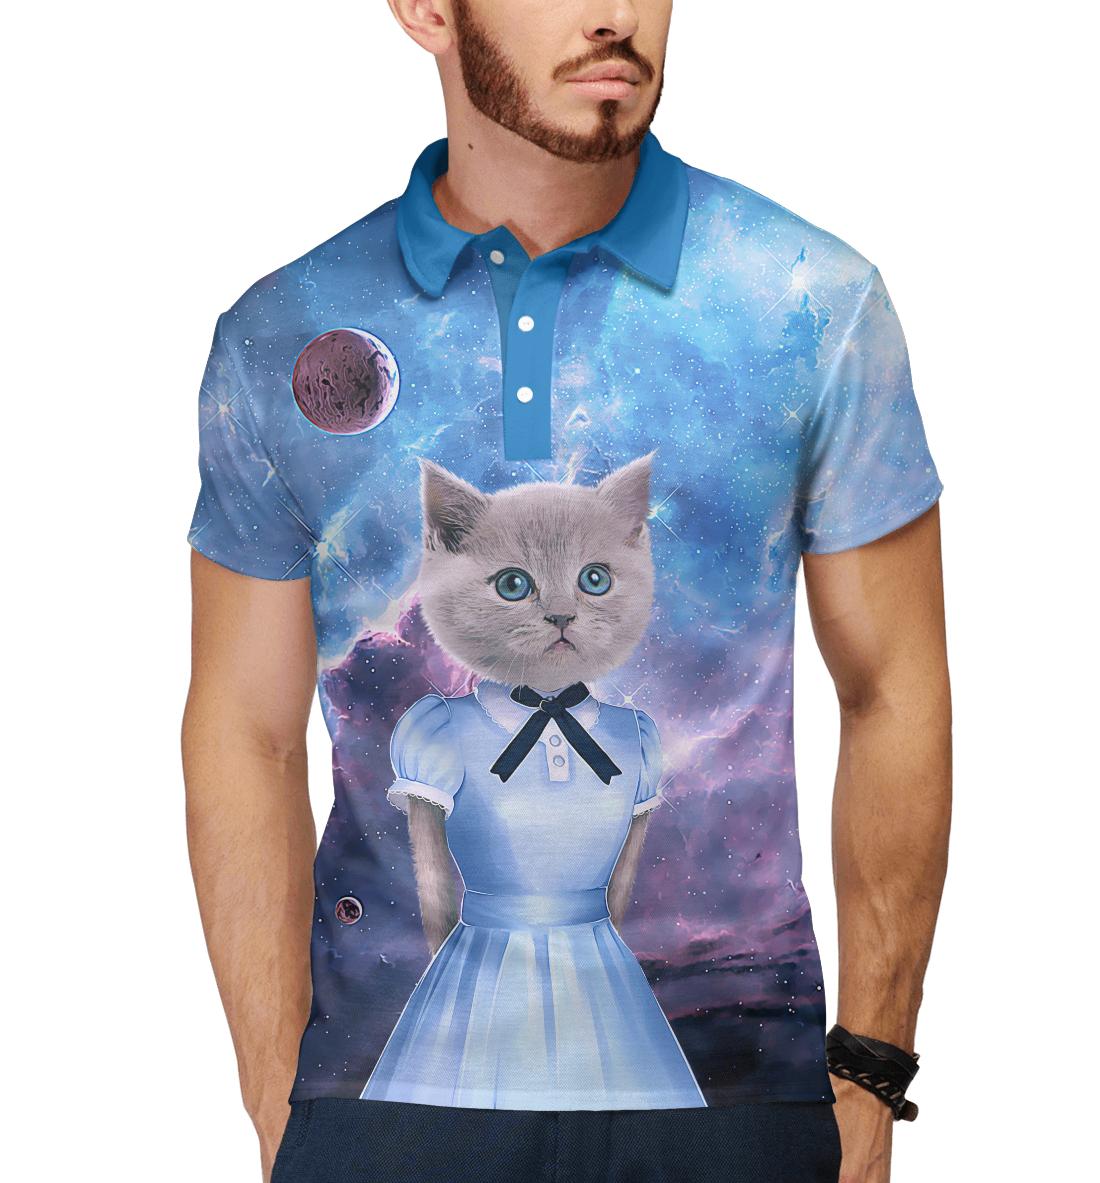 Коты в платьях, Printbar, Поло, CIS-427763-pol-2  - купить со скидкой